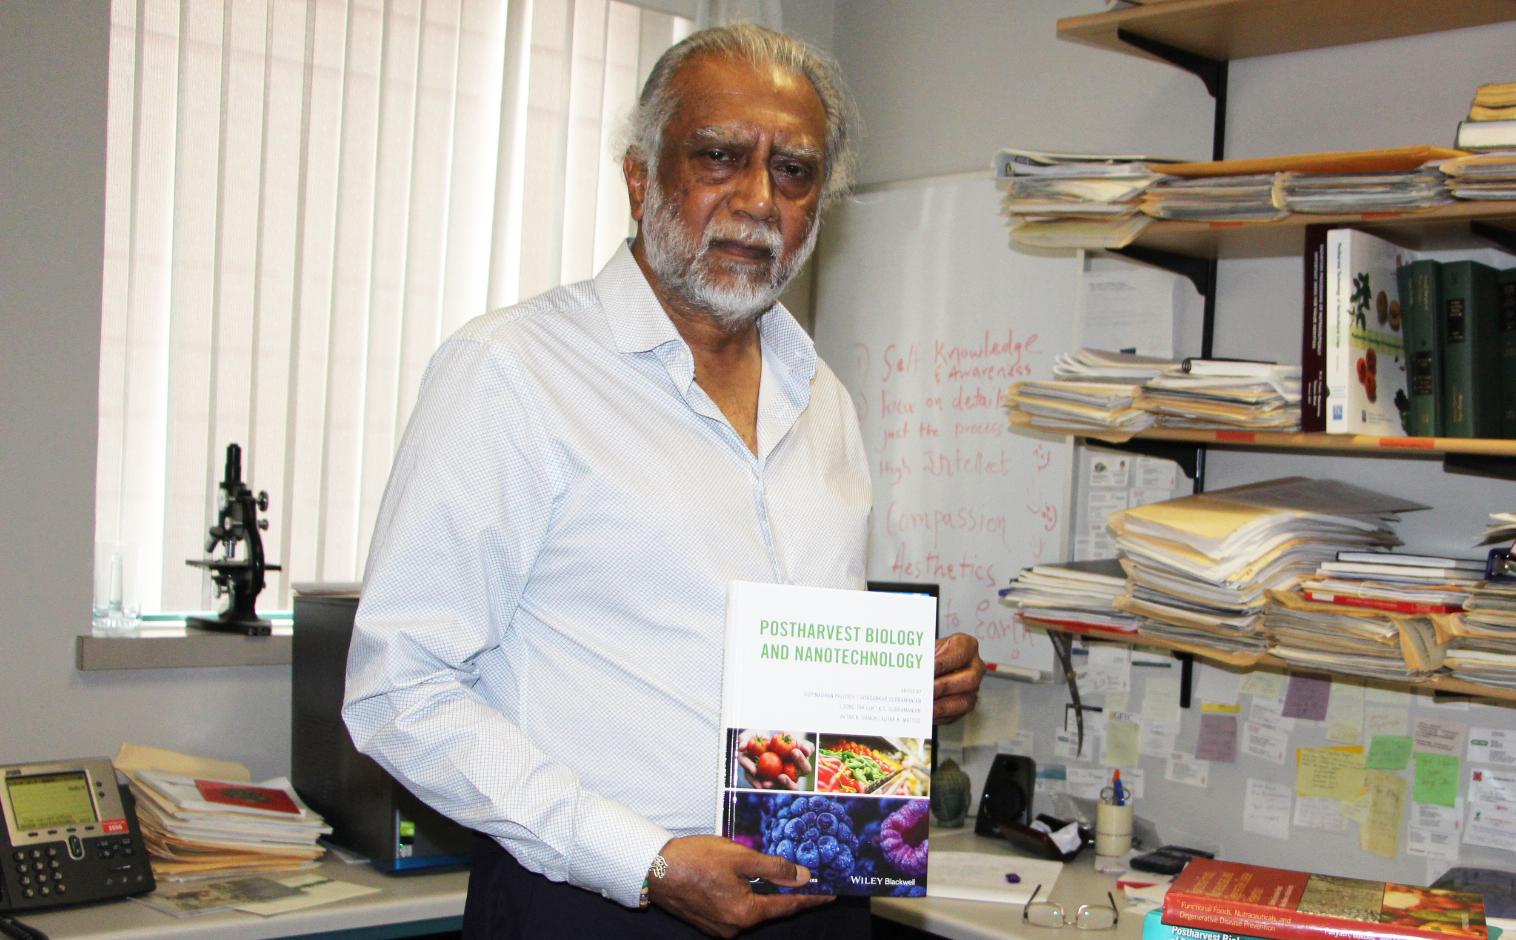 Dr Gopinadhan Paliyath